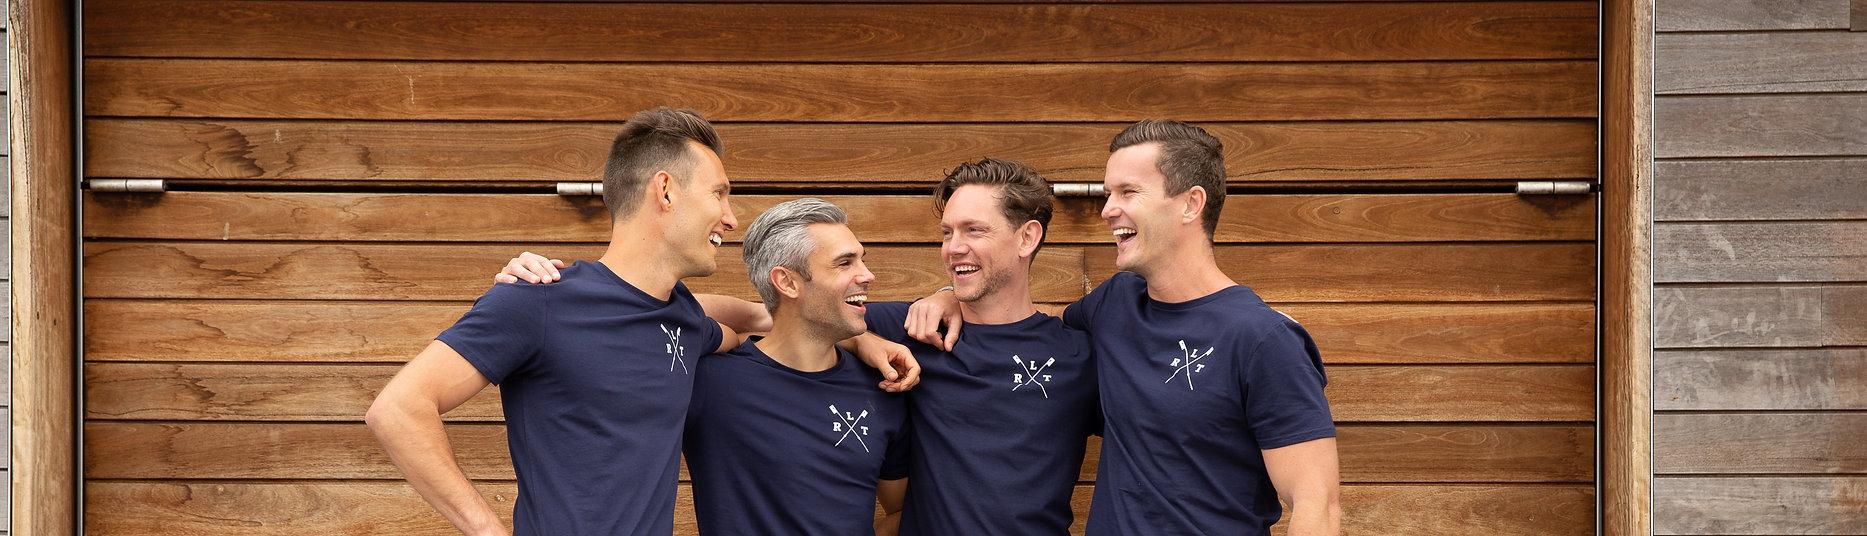 Rowing Team-116.jpg